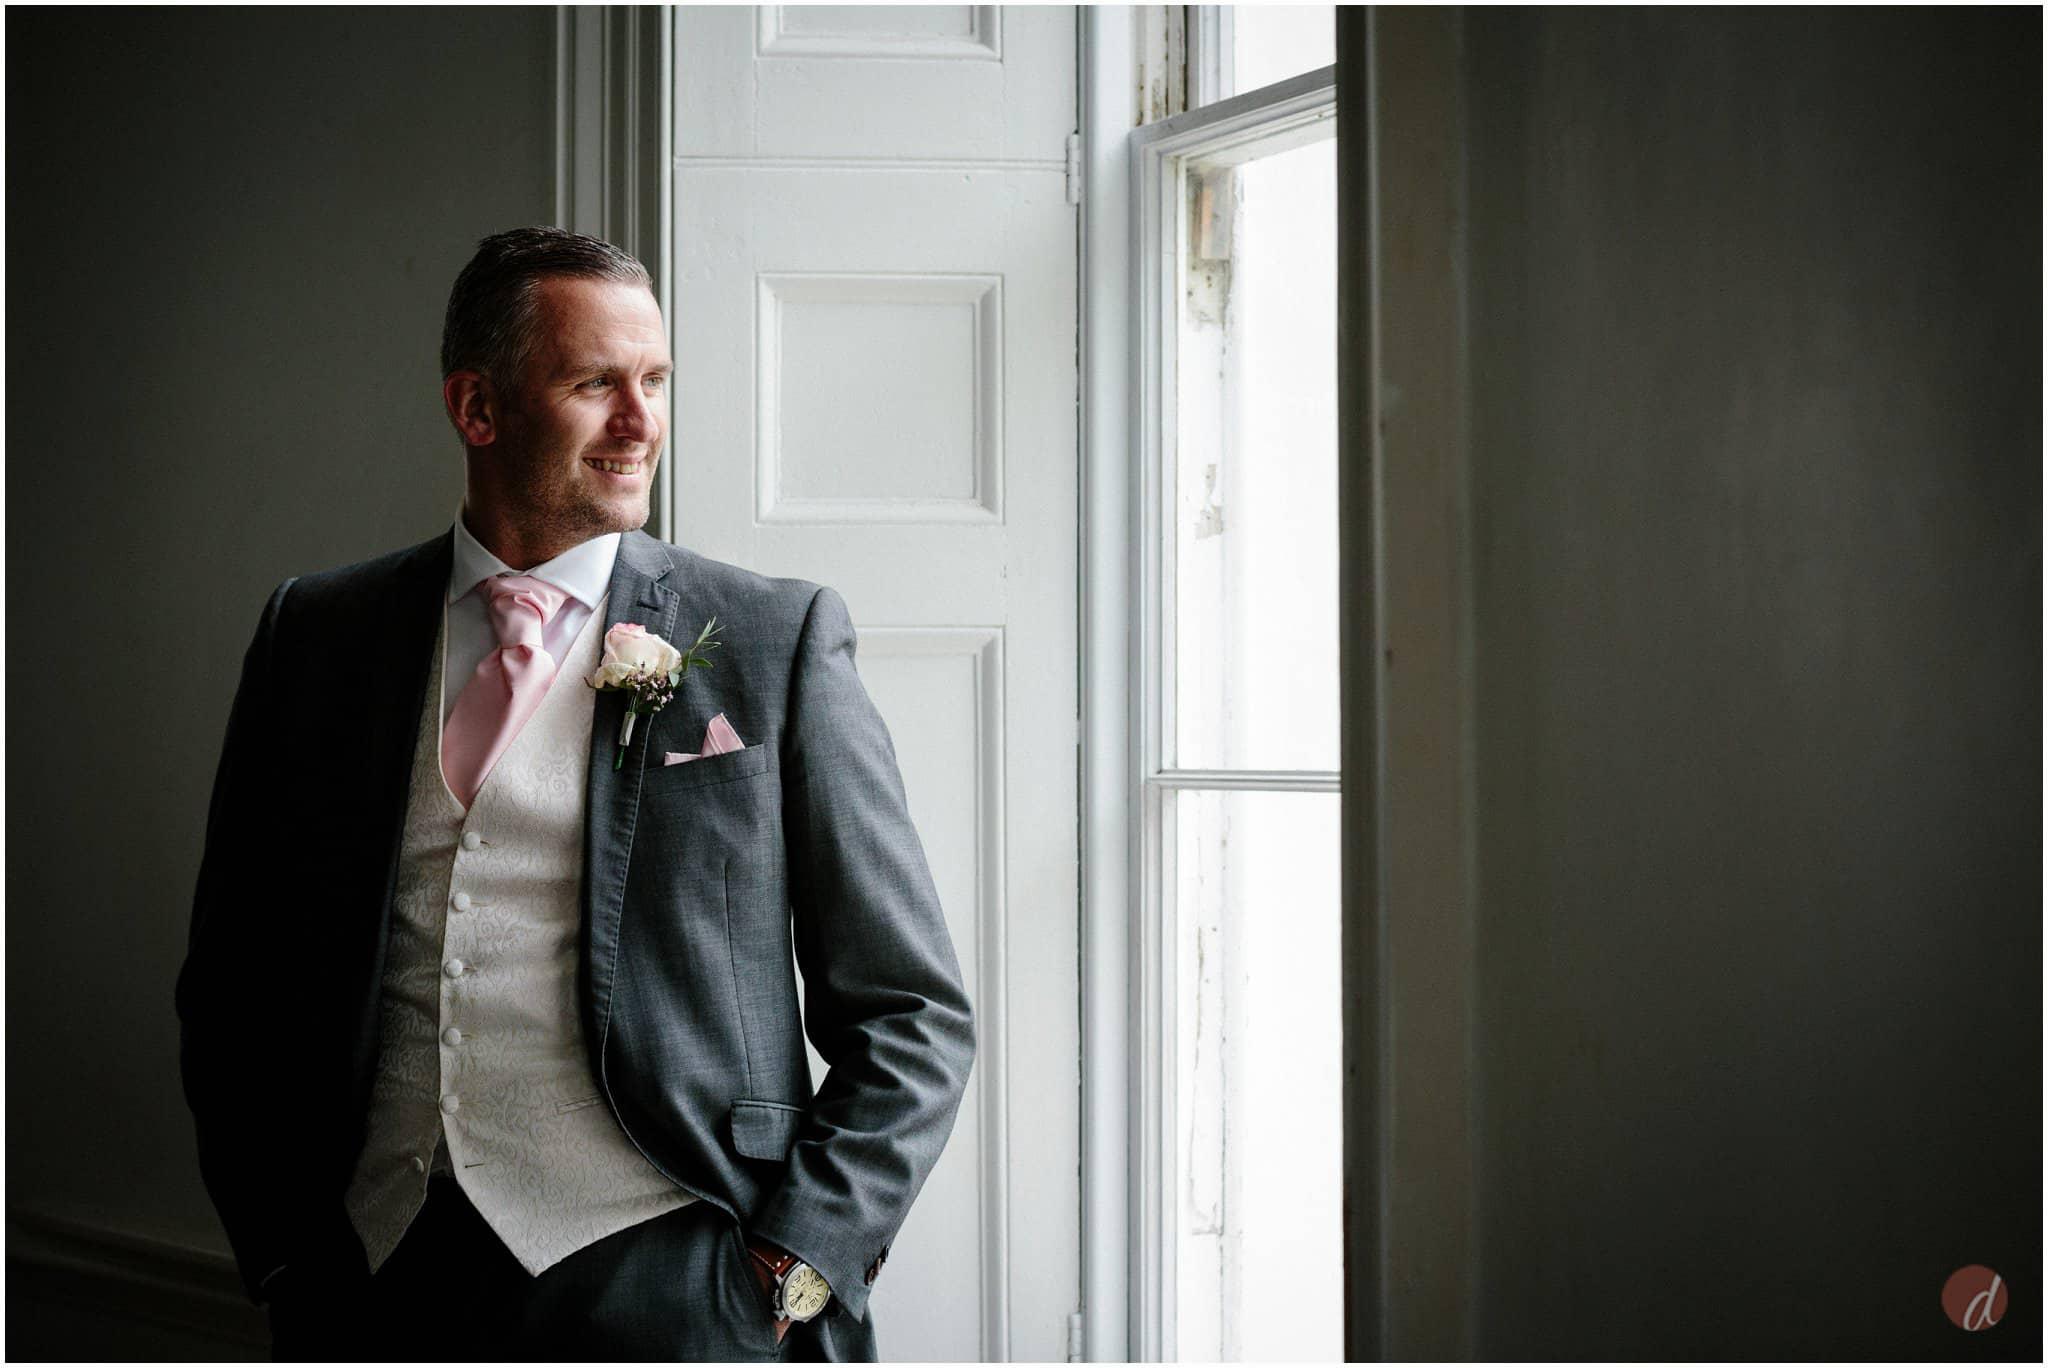 oxonhoath wedding photography